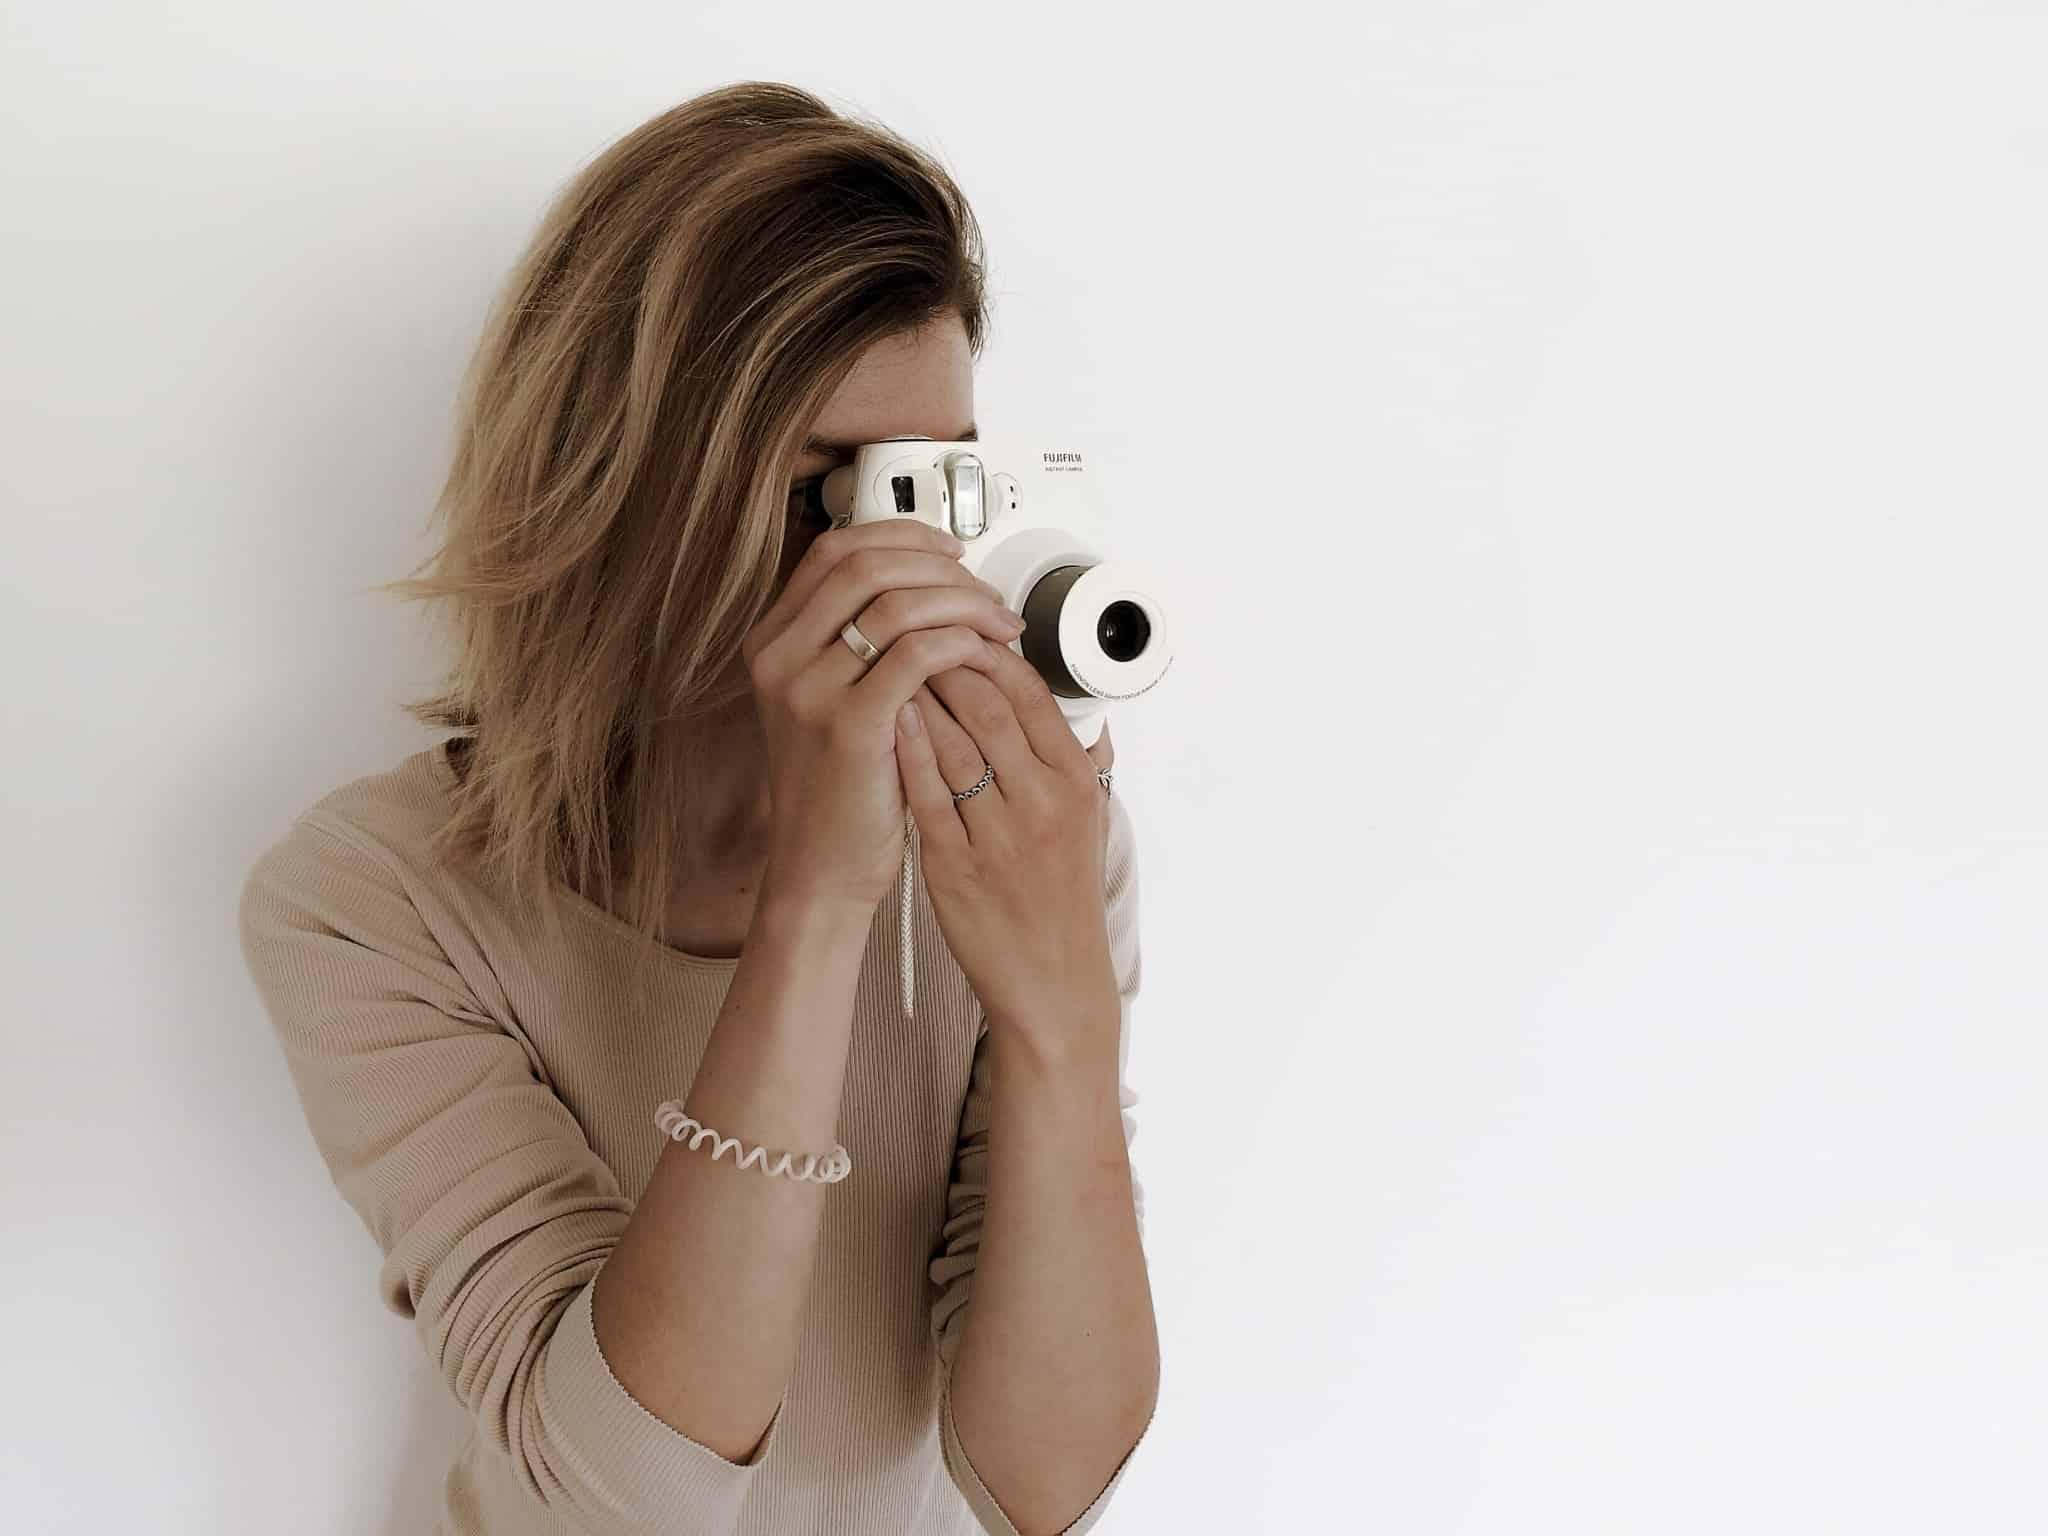 rapariga loira a tirar uma foto com camara branca